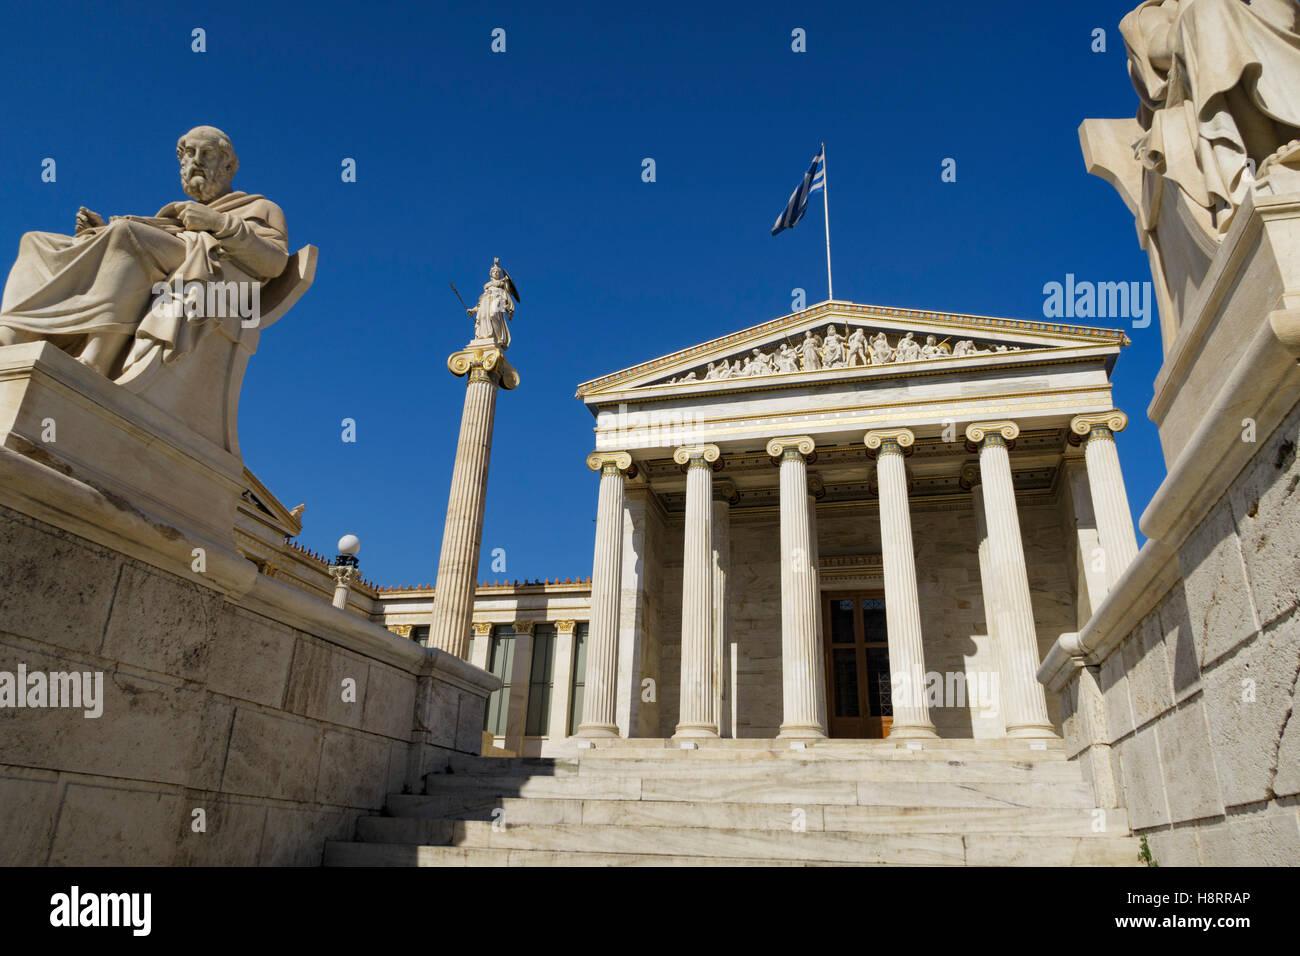 Die Akademie von Athen auf Panepistimiou Straße in Athen, Griechenland Stockbild